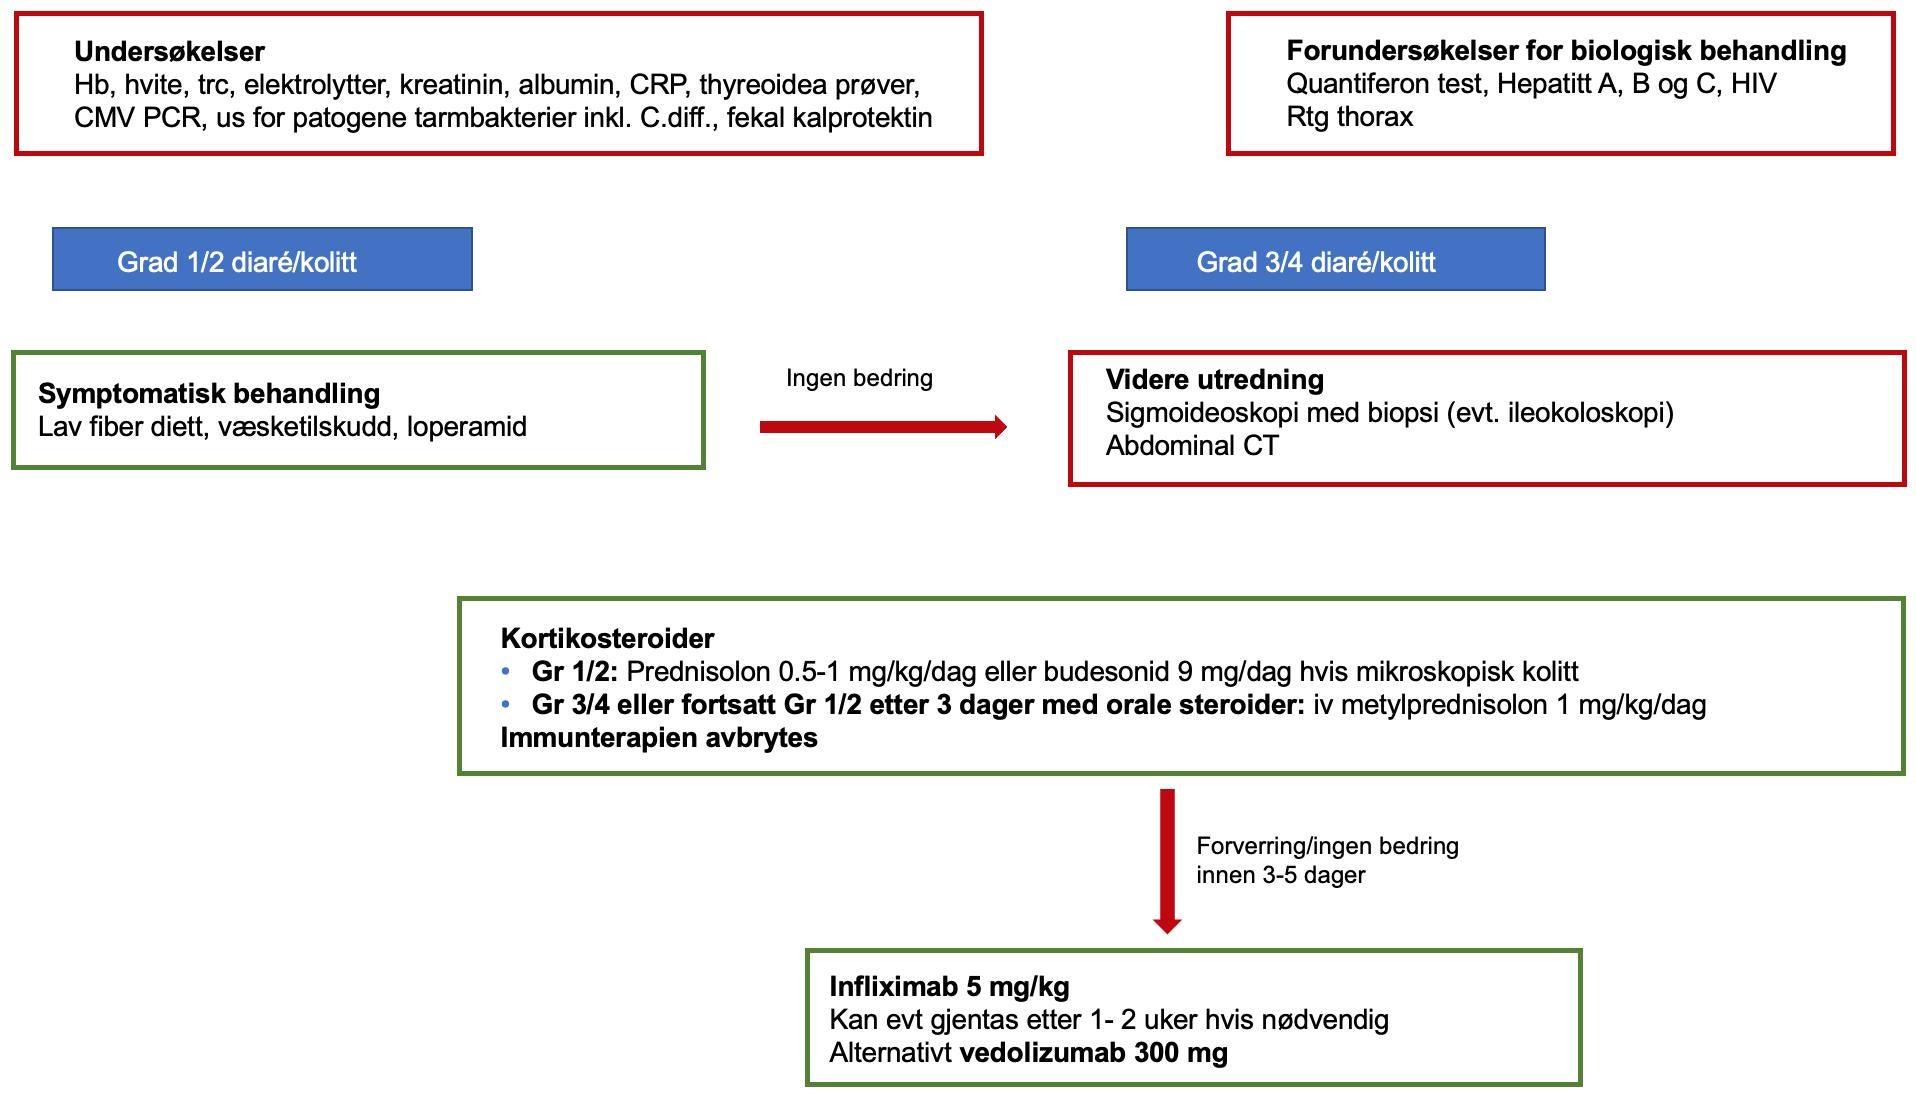 Page 26 of GI-bivirkninger av immunterapi